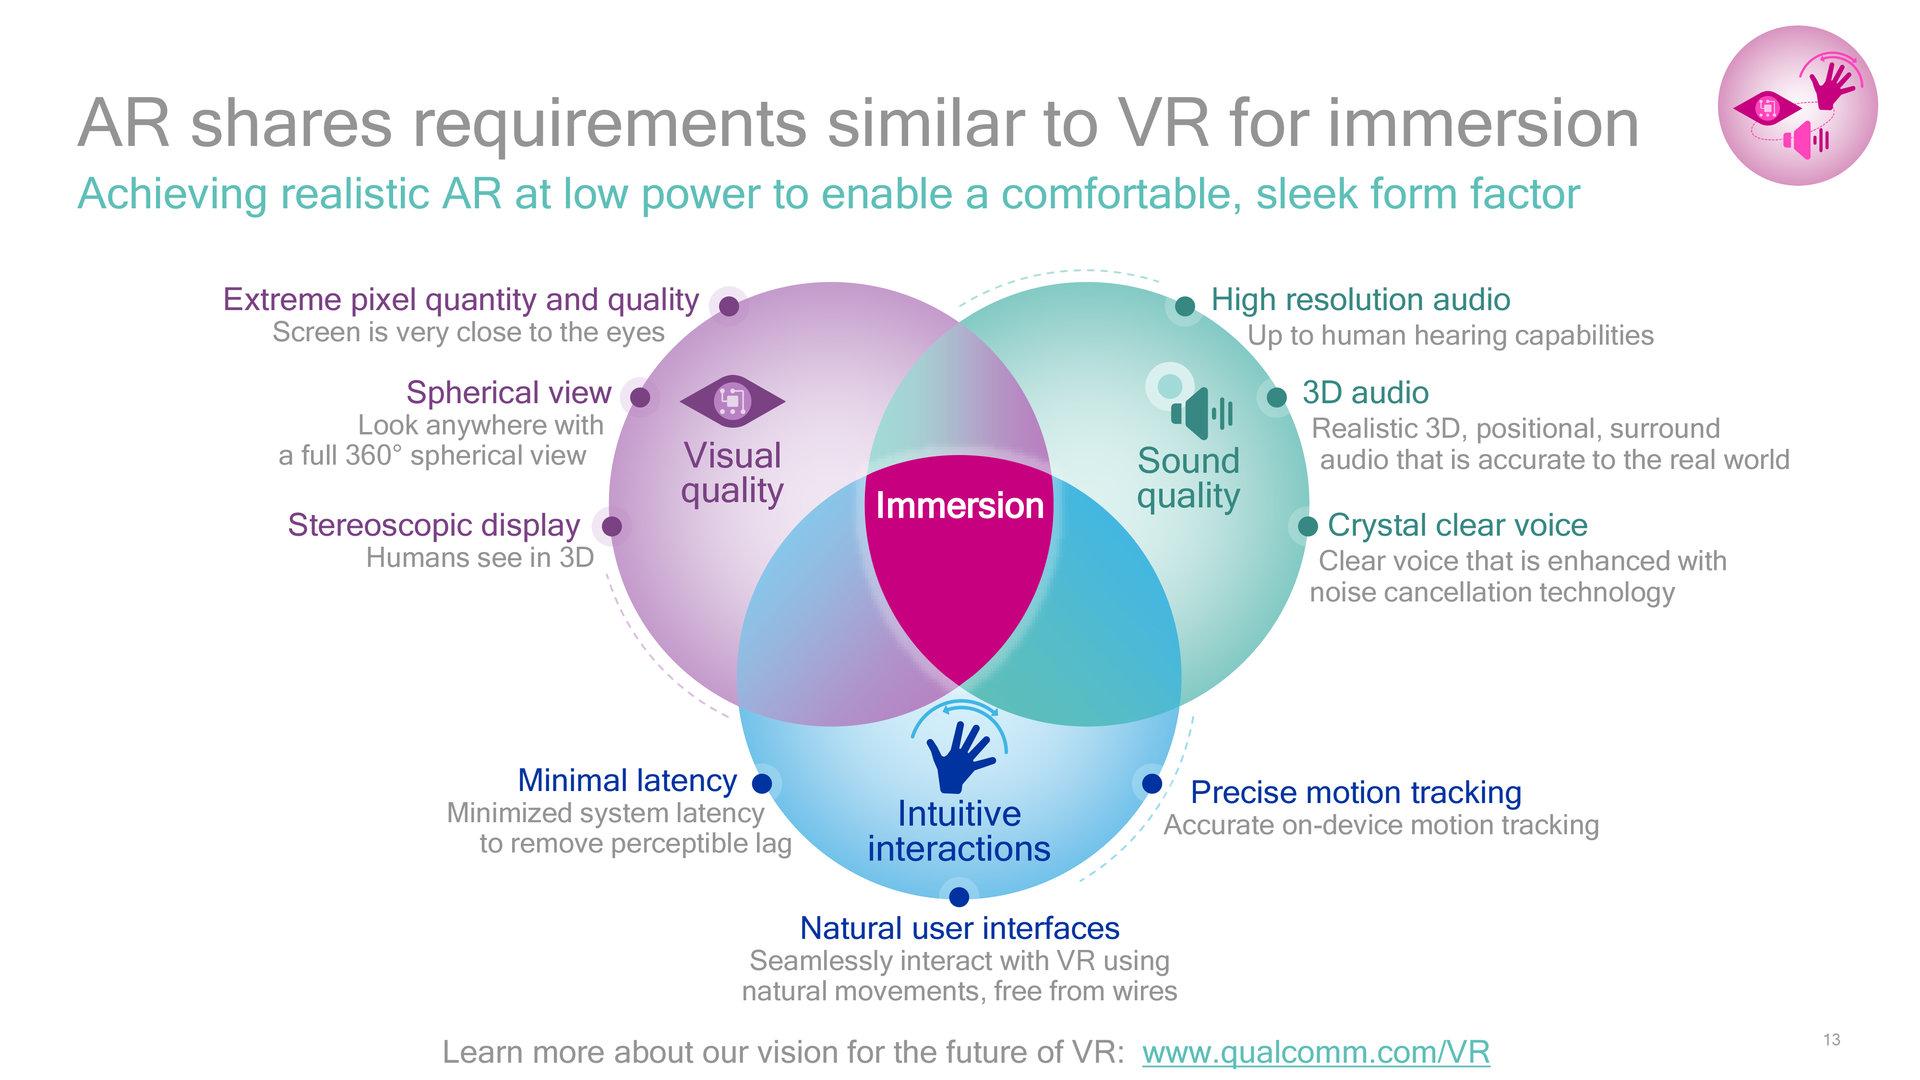 Gemeinsame Anforderungen von VR und AR